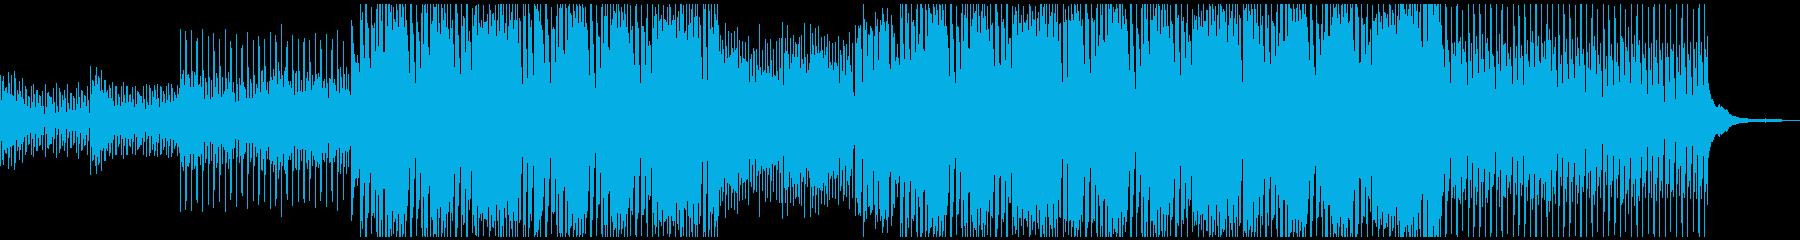 シンセサイザー波でファッションな曲の再生済みの波形